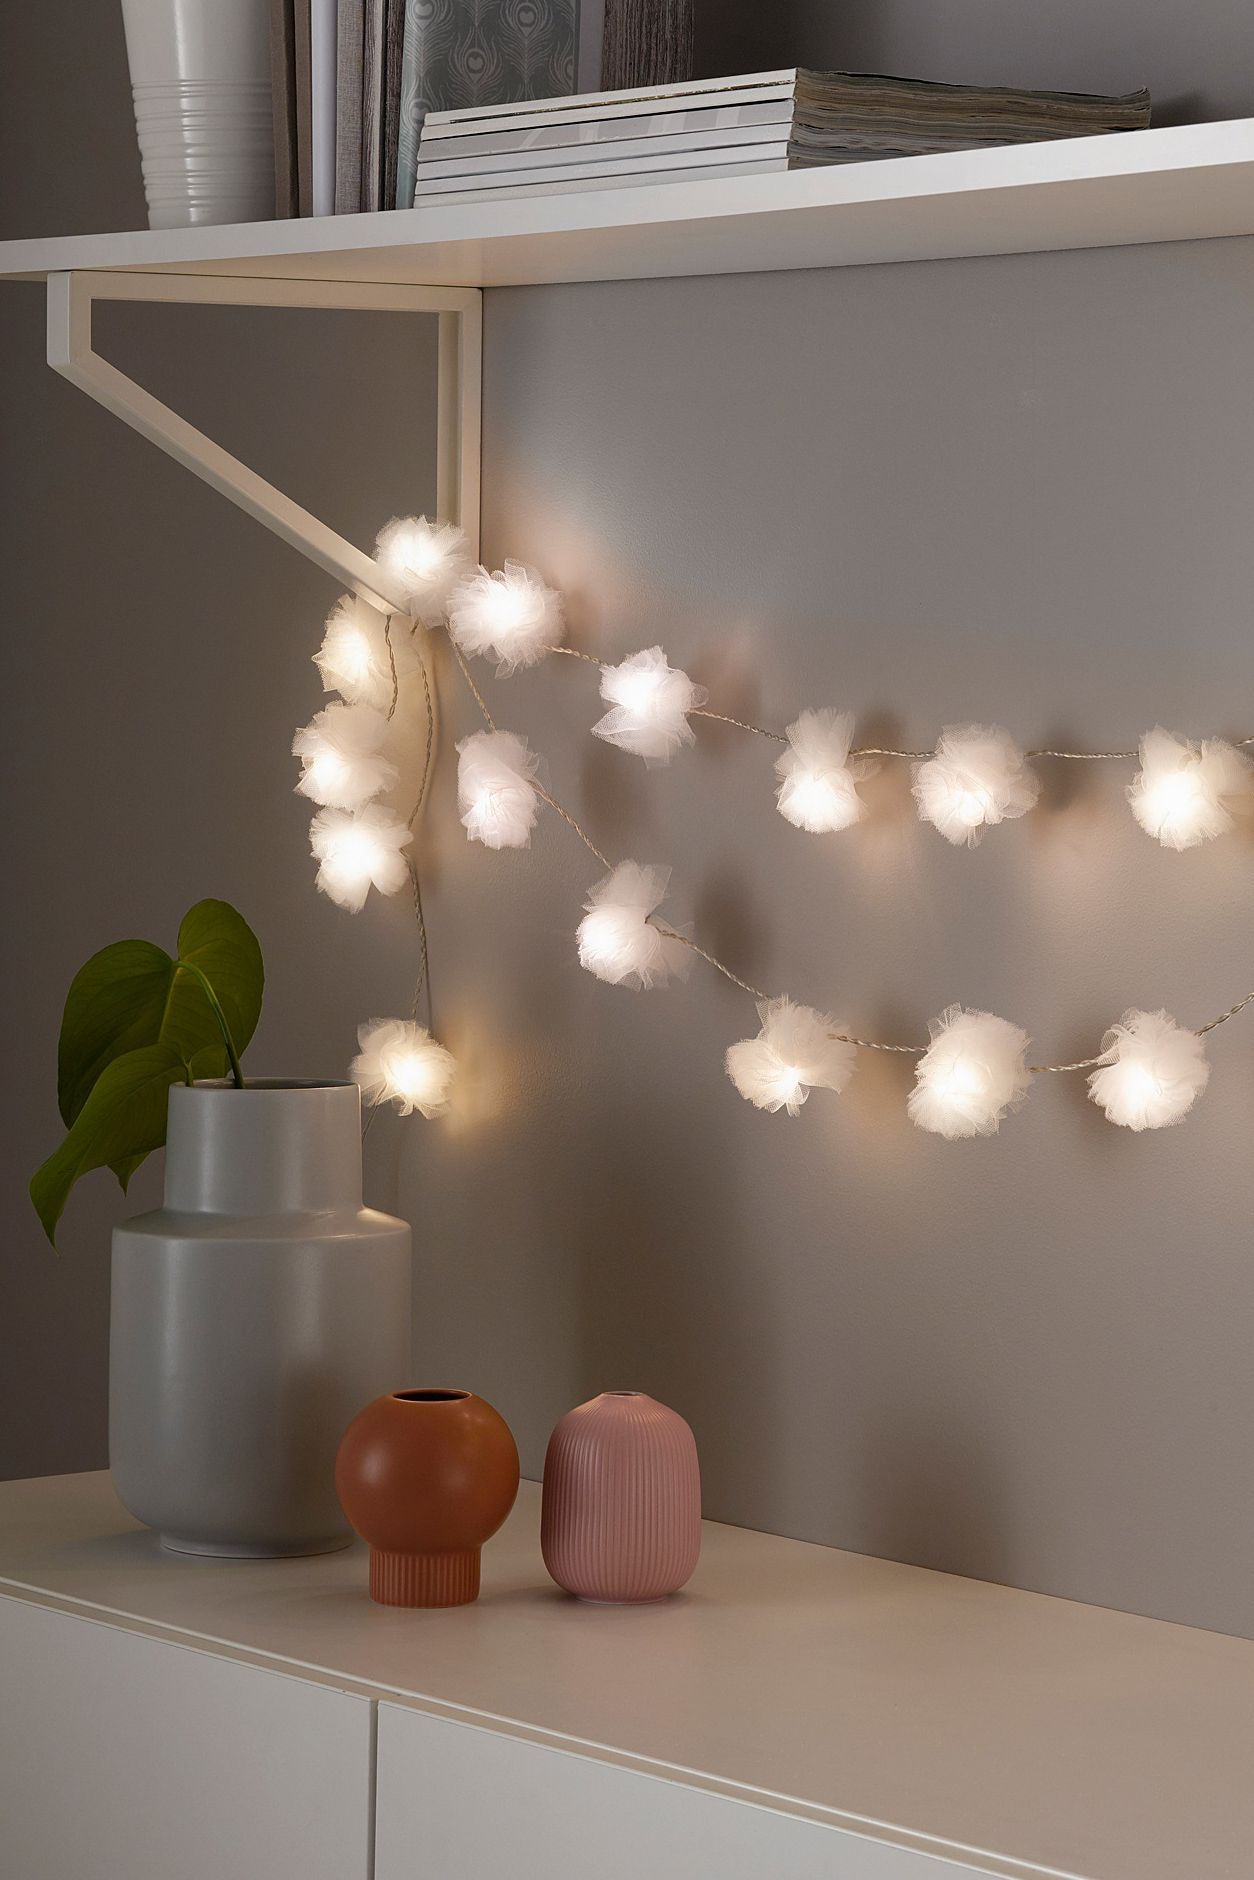 Mobel Einrichtungsideen Fur Dein Zuhause Lichterkette Kinderzimmer Lichterkette Einrichtungsideen